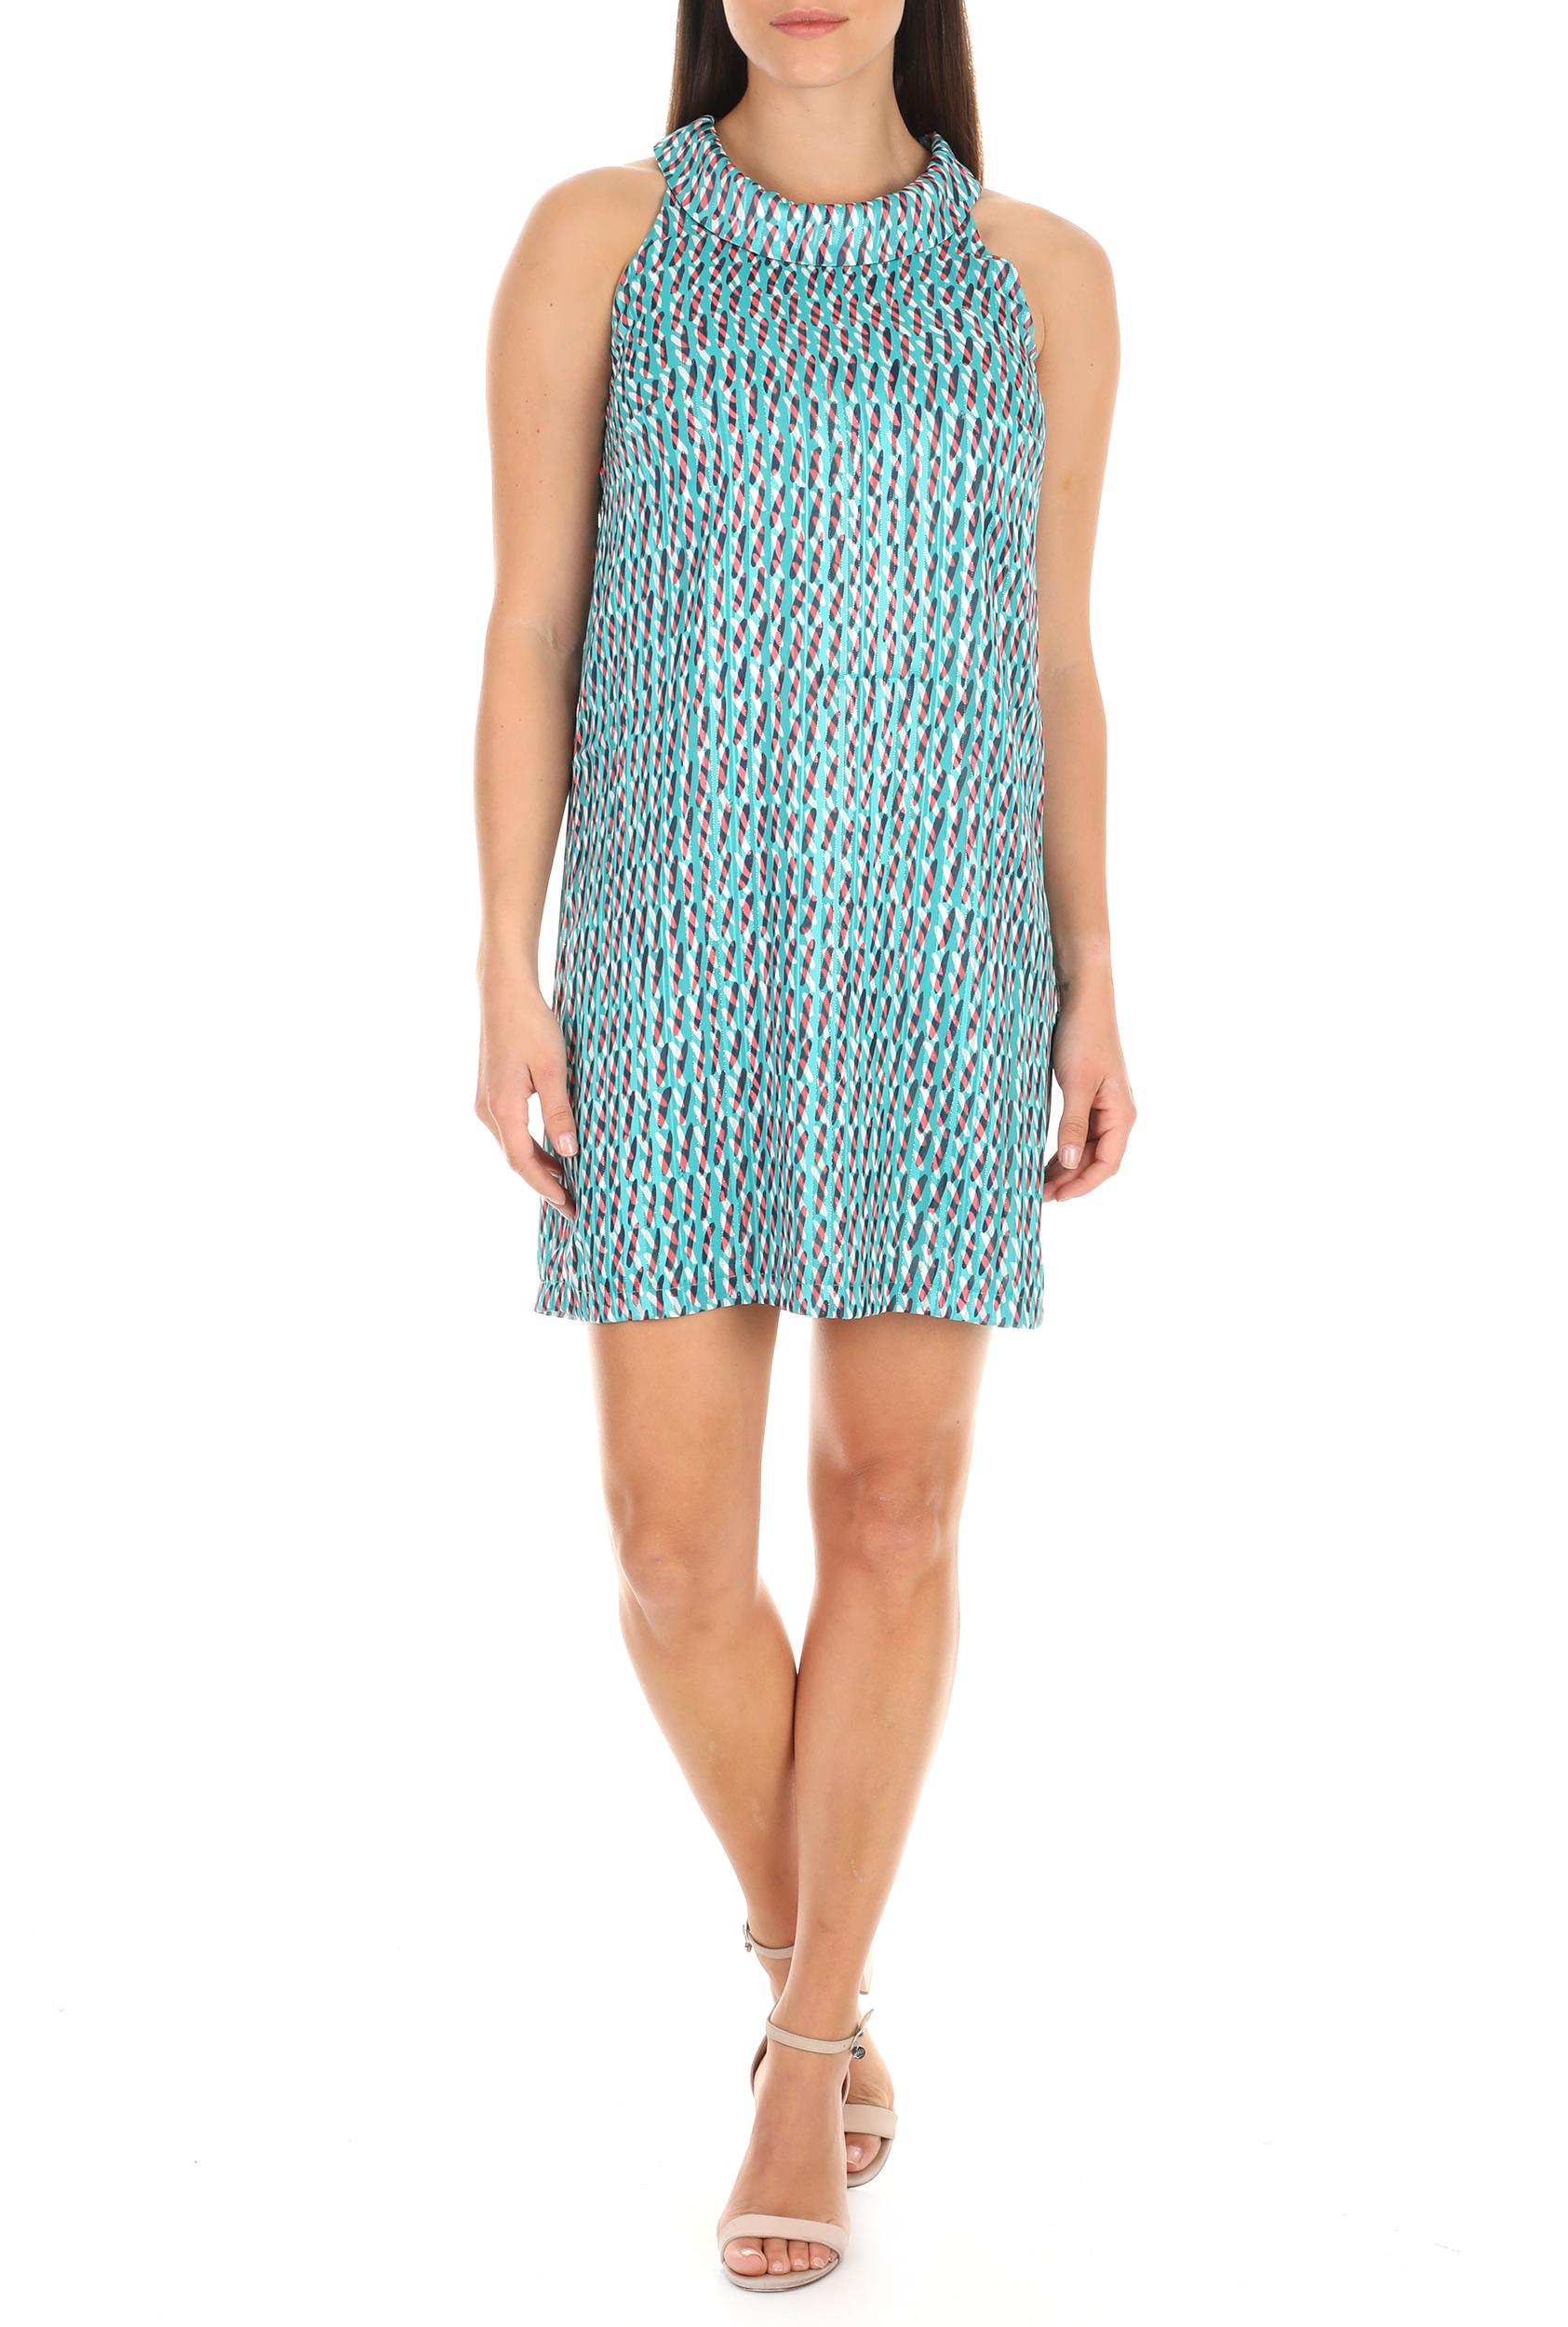 MOLLY BRACKEN - Γυναικείο φόρεμα MOLLY BRACKEN μπλε γυναικεία ρούχα φόρεματα μίνι